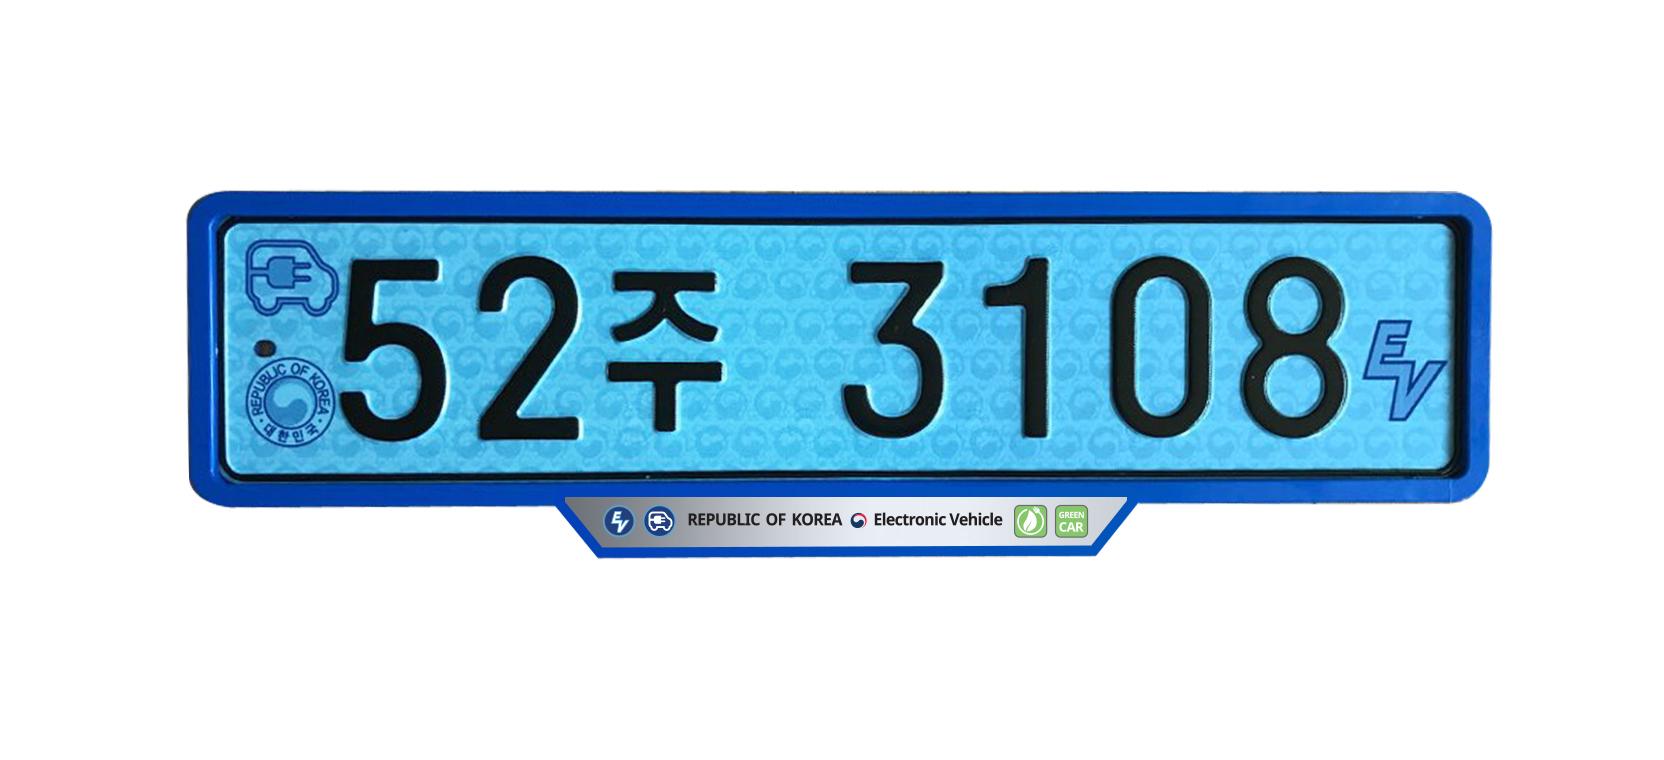 친 환경차 전용 반사 번호판.